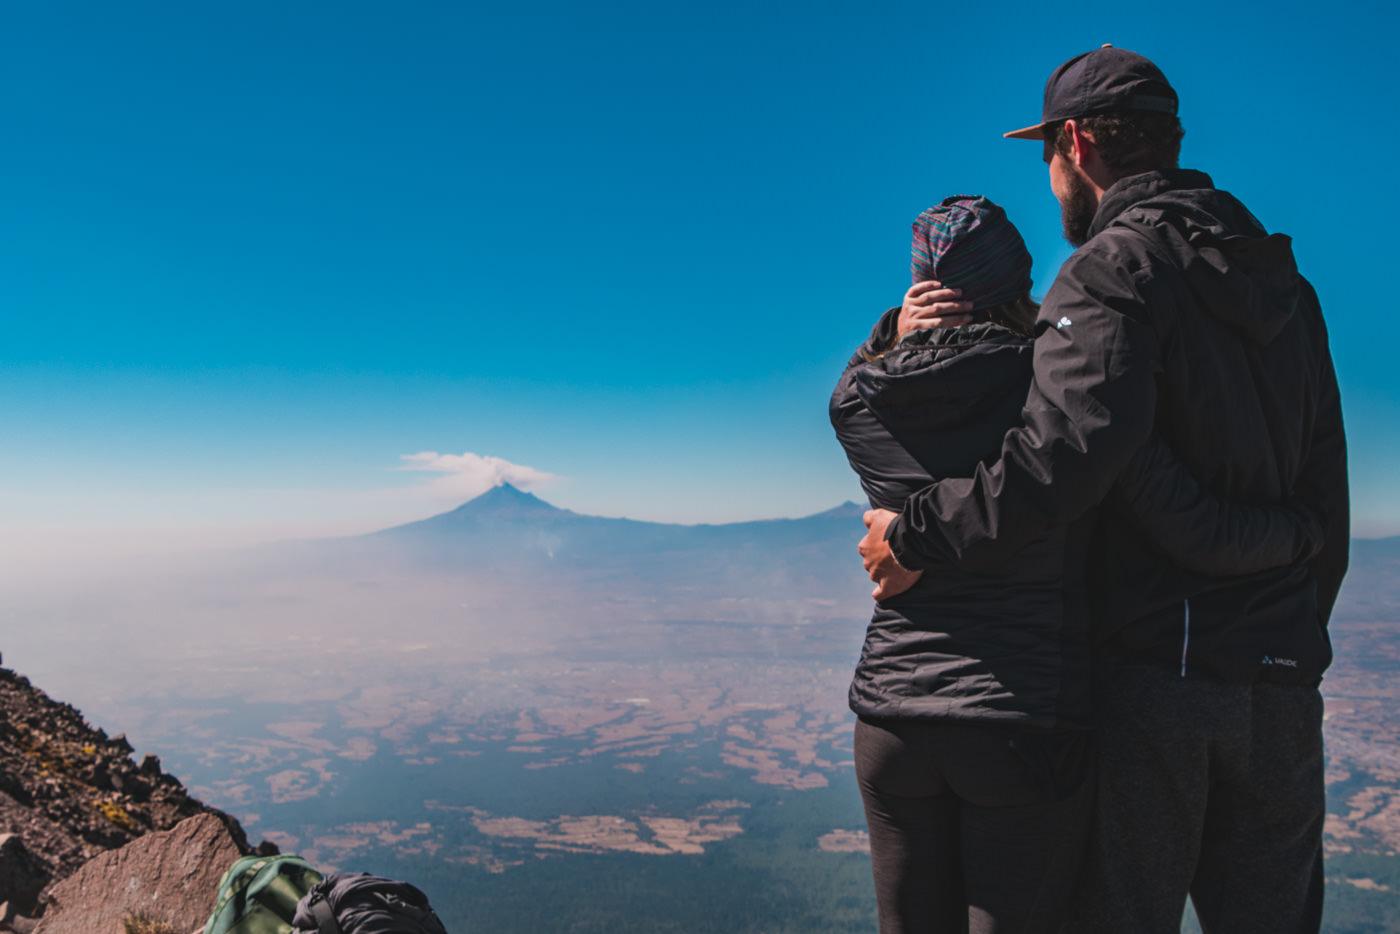 Wir und der Ausblick vom Vulkan La Malinche in Puebla